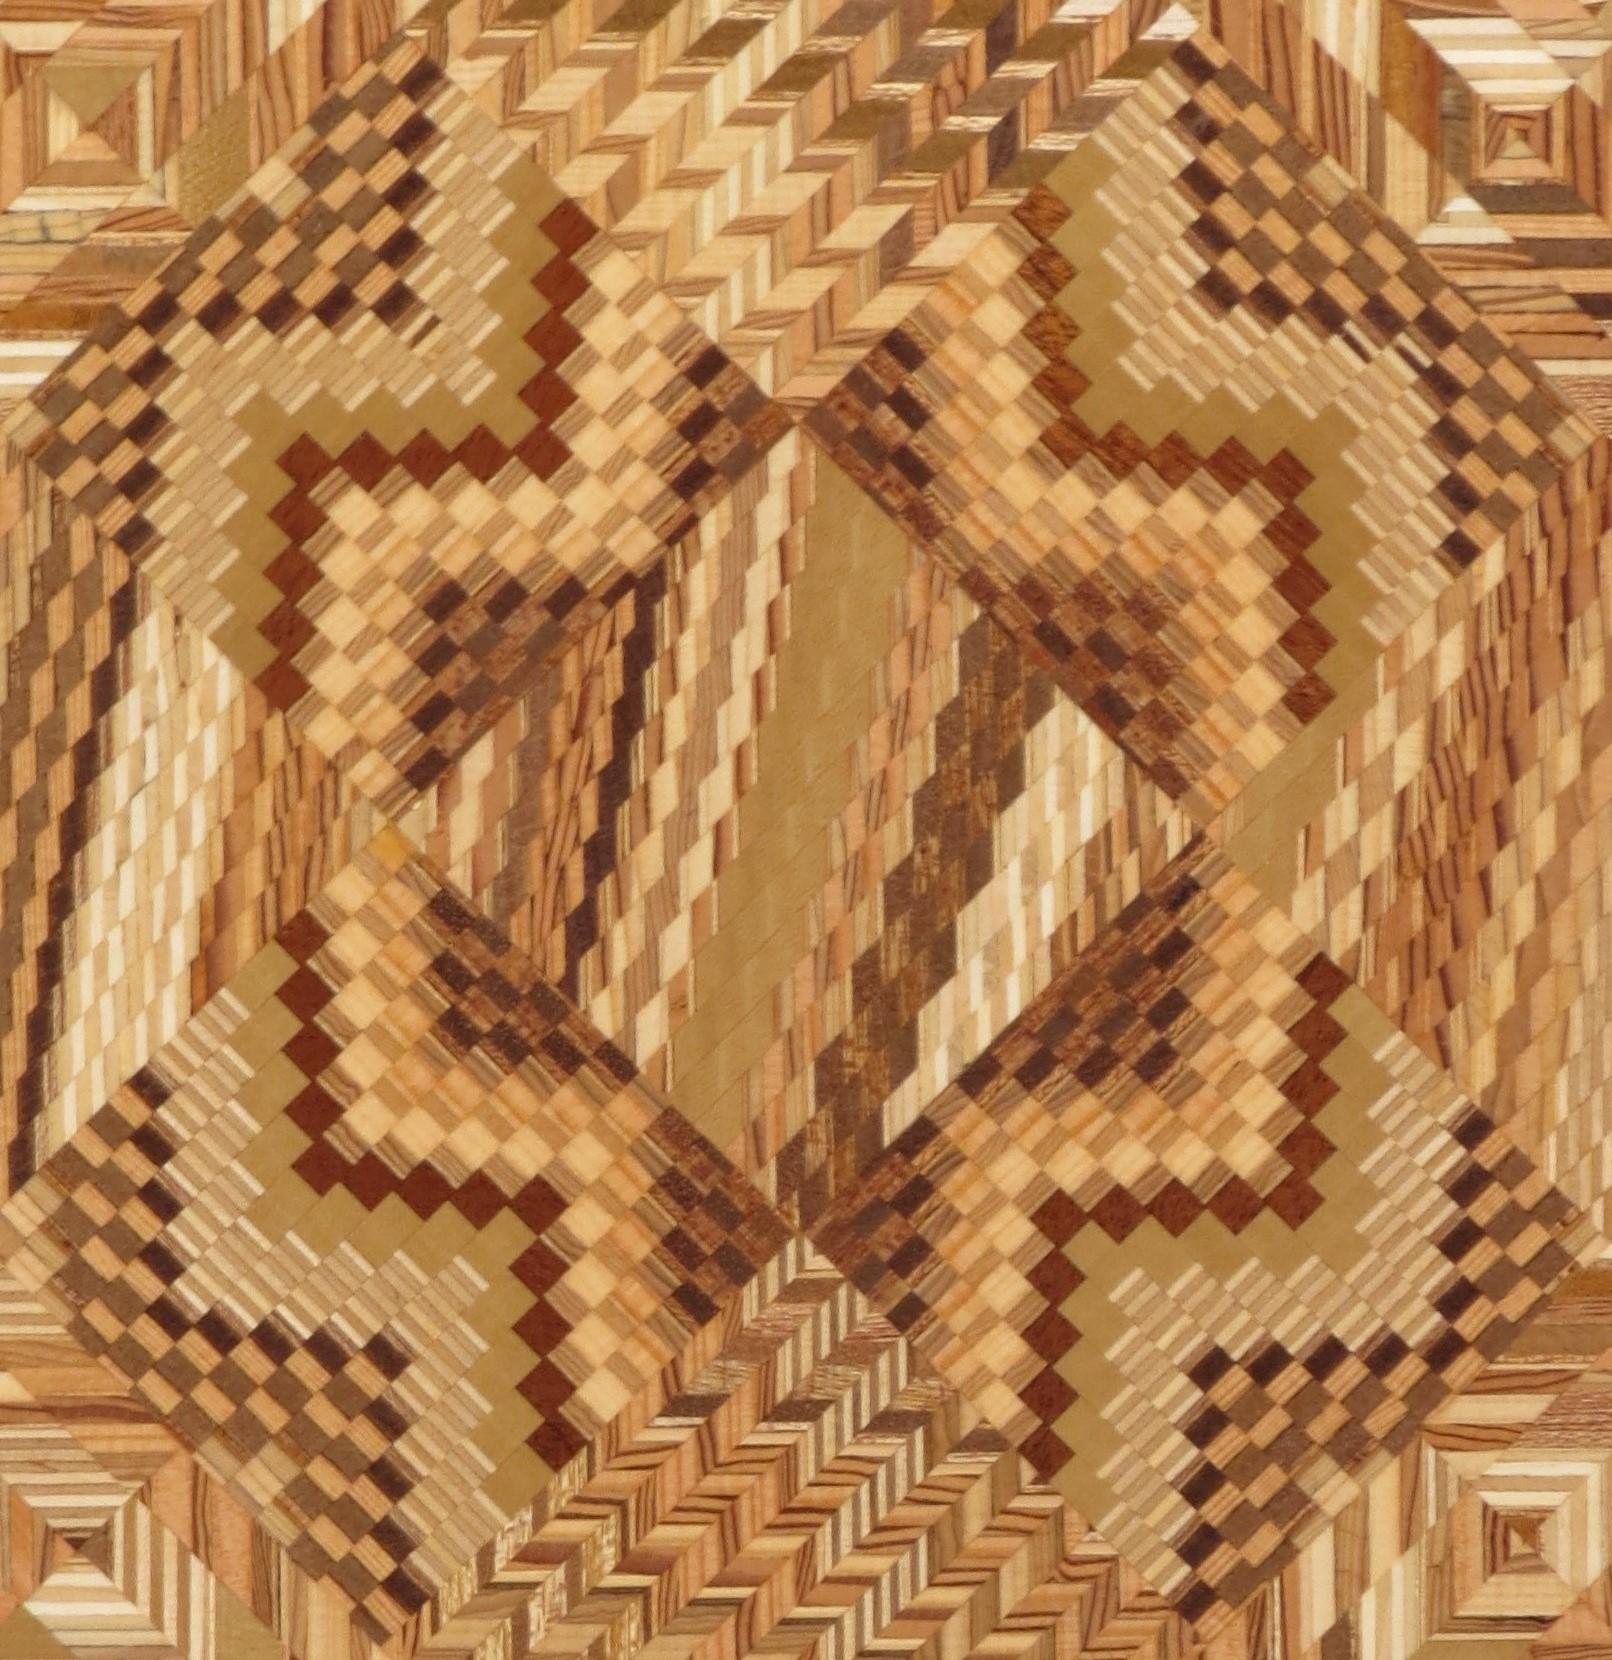 Kaleidoscope #1 - Detail